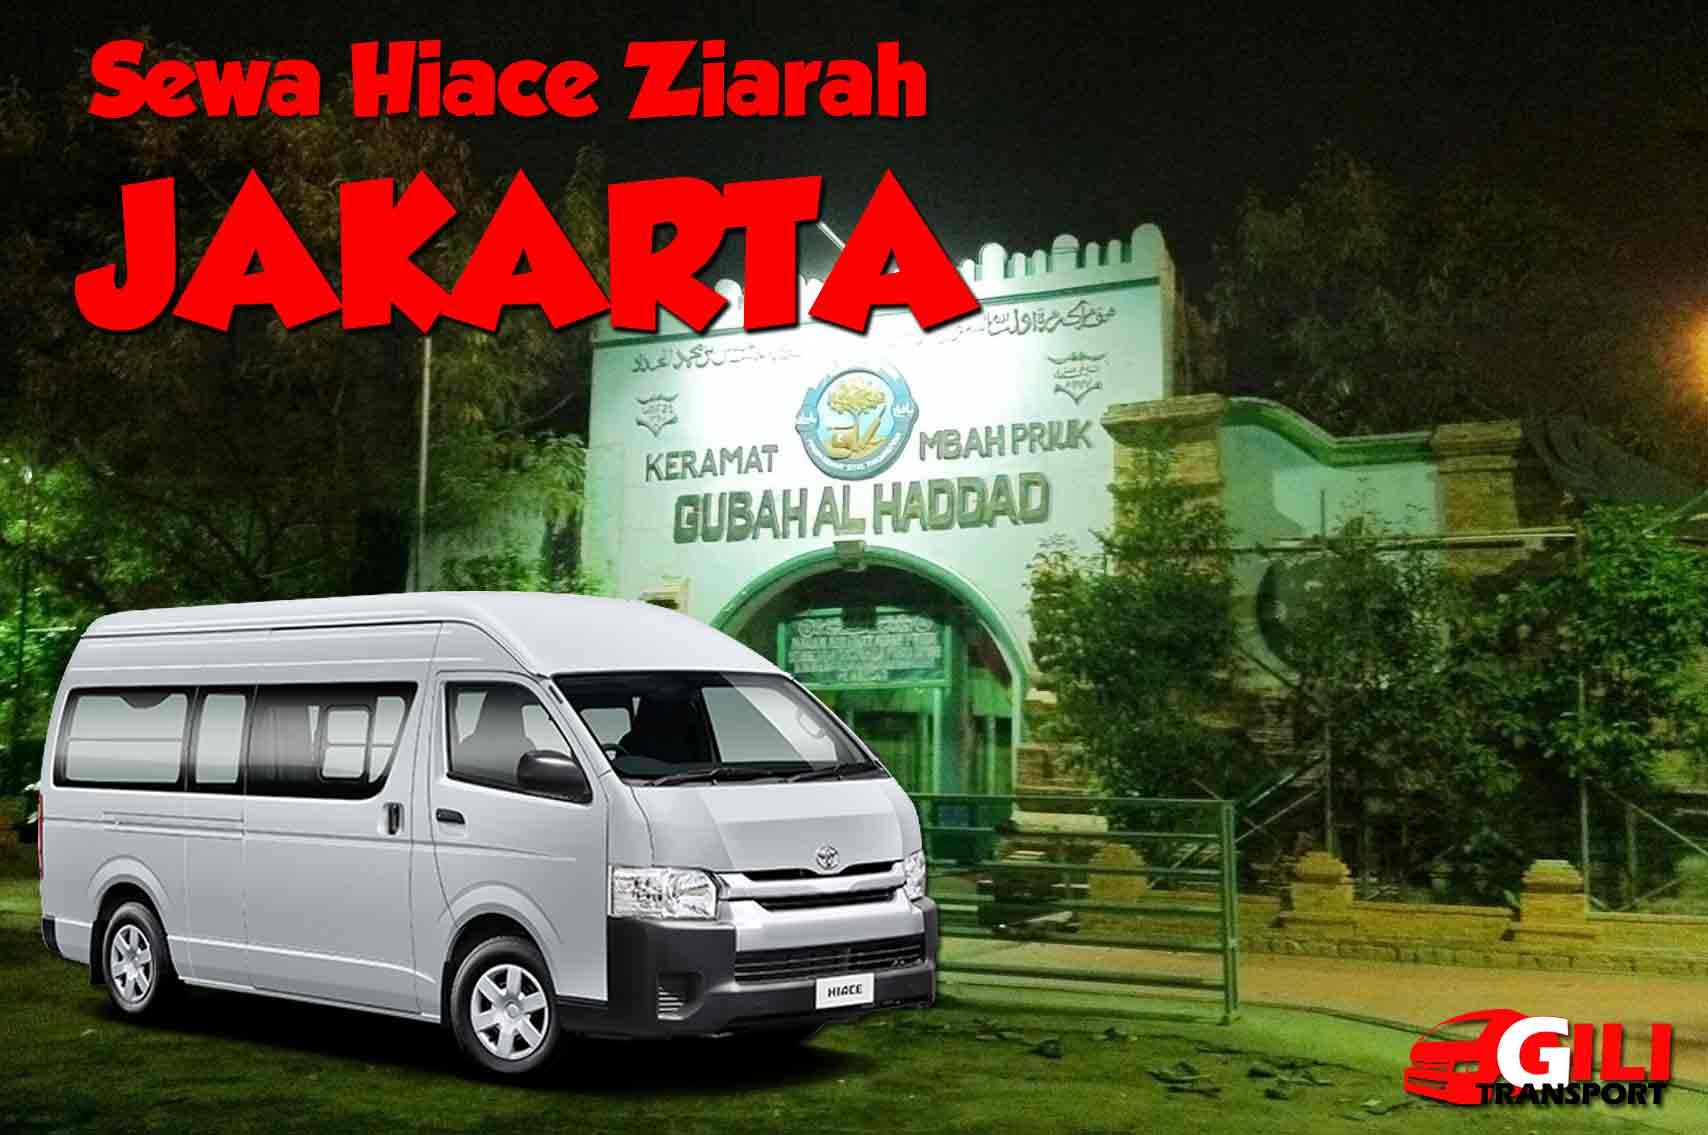 sewa hiace wisata ziarah Jakarta